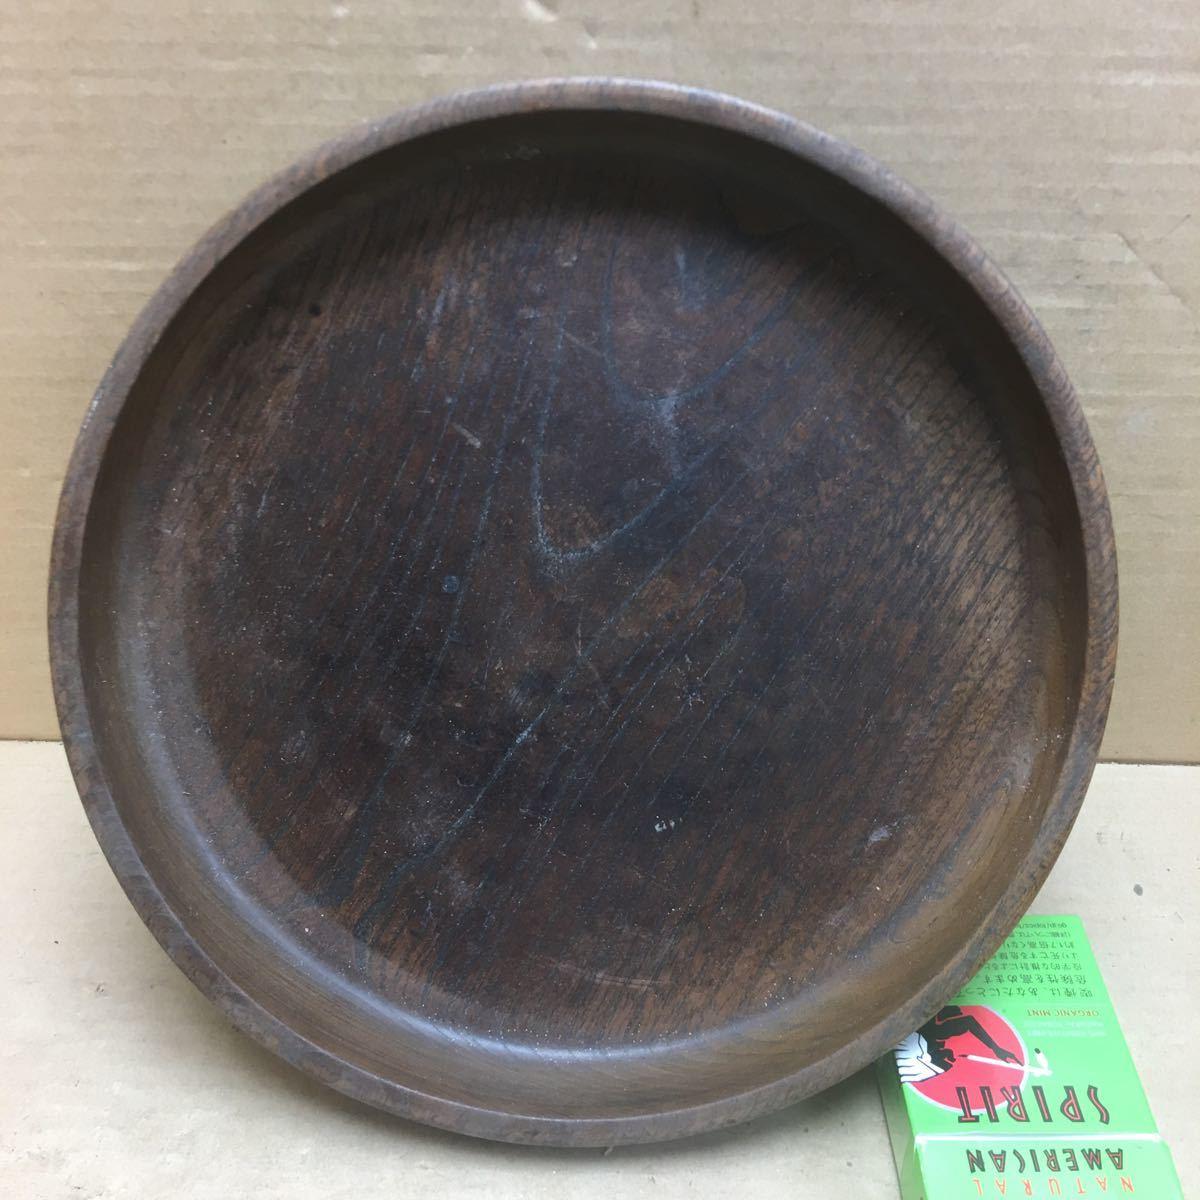 丸盆 煎茶道具 お盆 無垢材木目が美しい煎茶盆 刳り貫き茶盆 時代古民具 古美術 古道具 直径約24cm_画像2